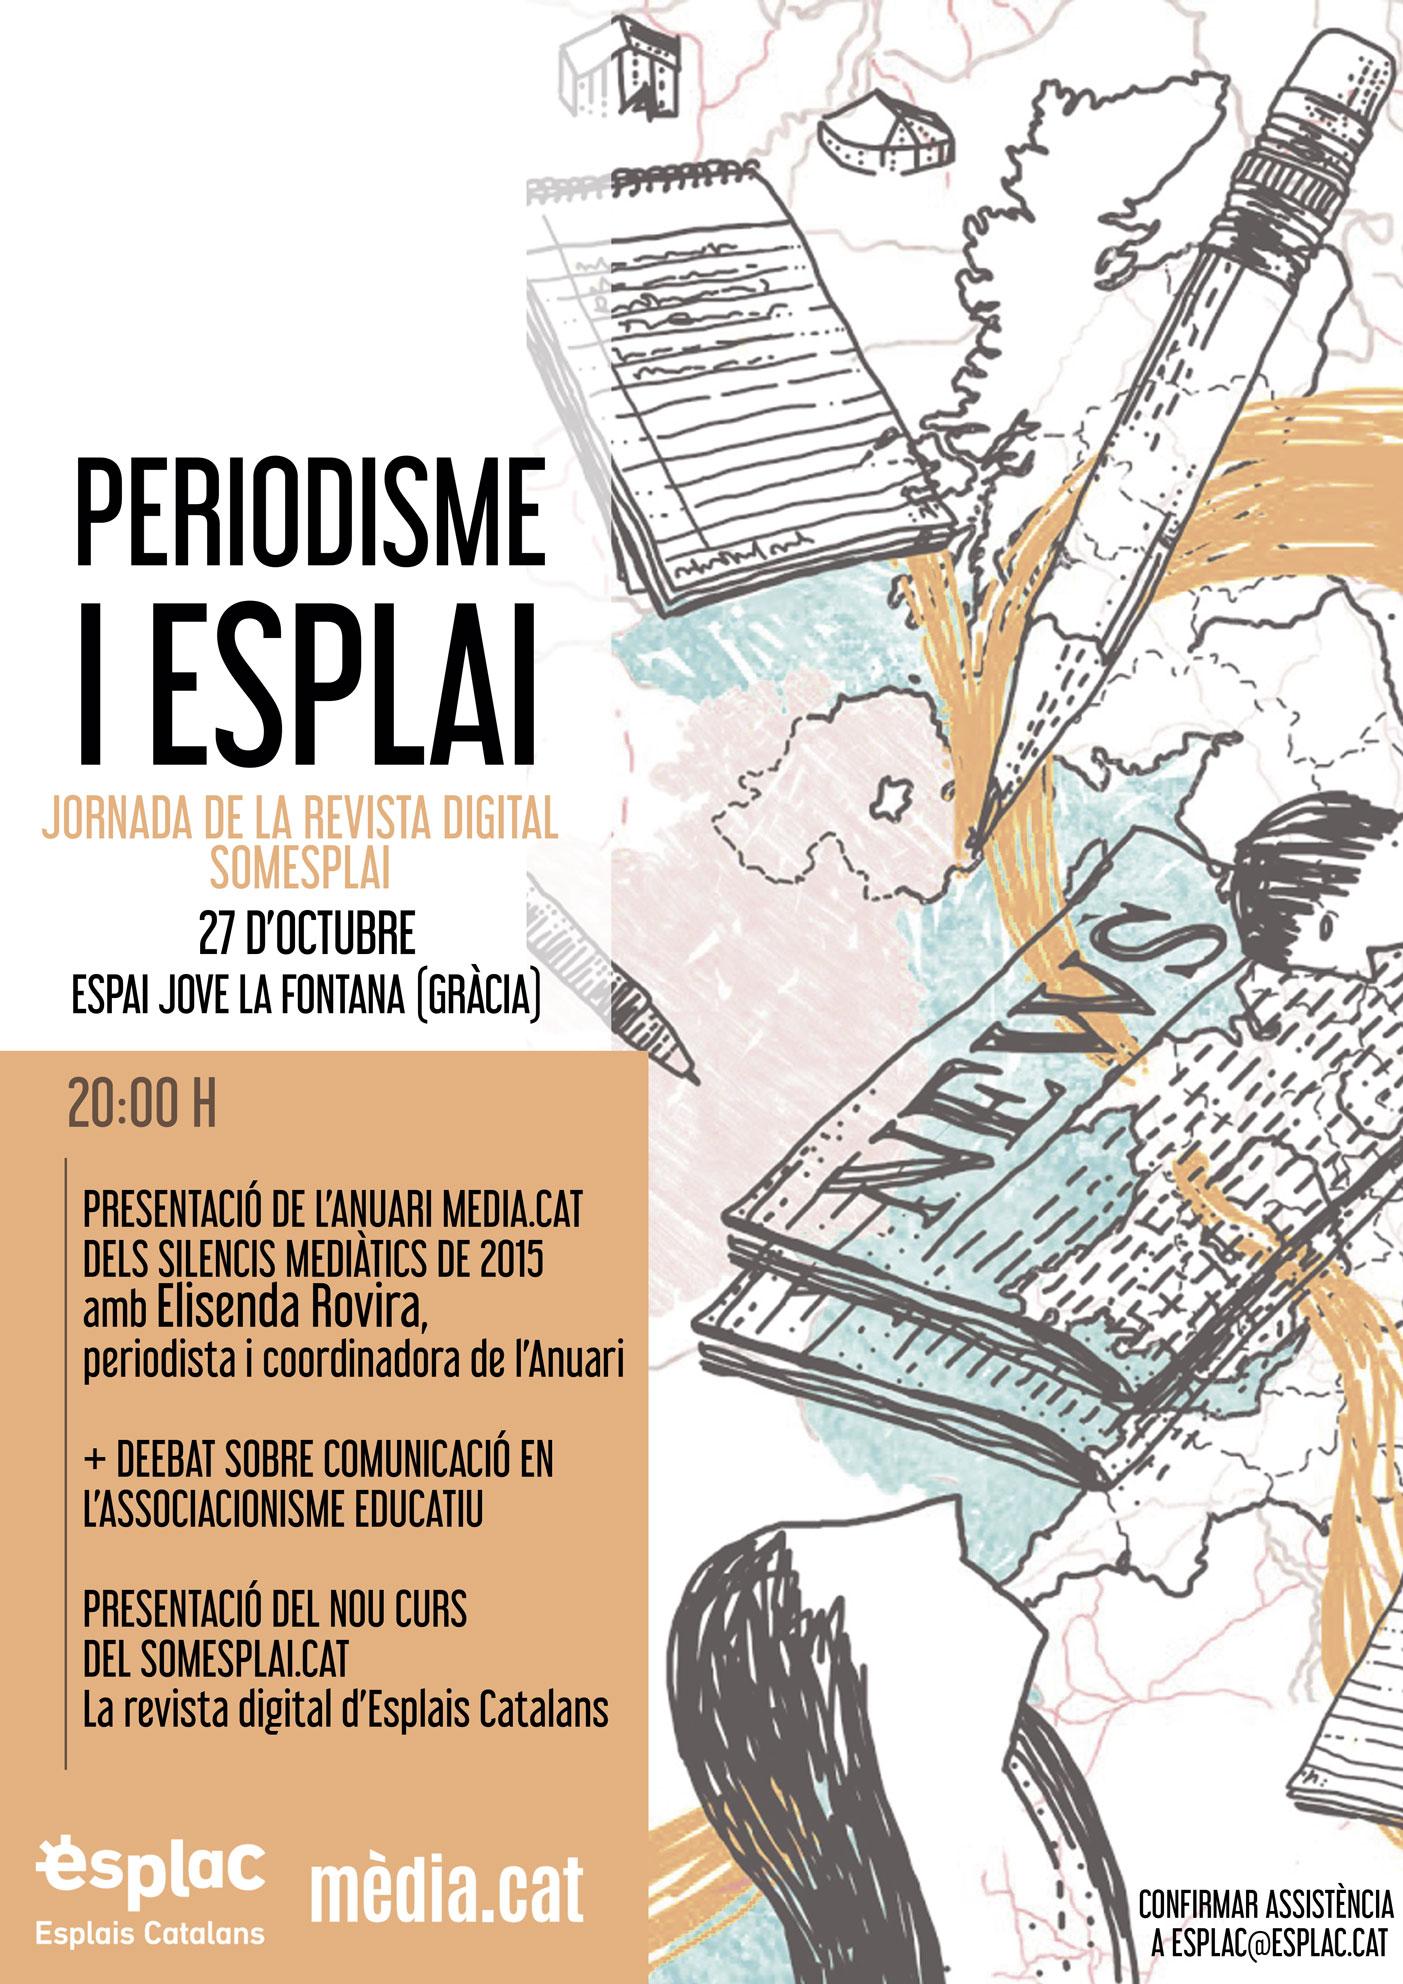 Presentació Anuari dels silencis mediàtics @ Espai Jove La Fontana